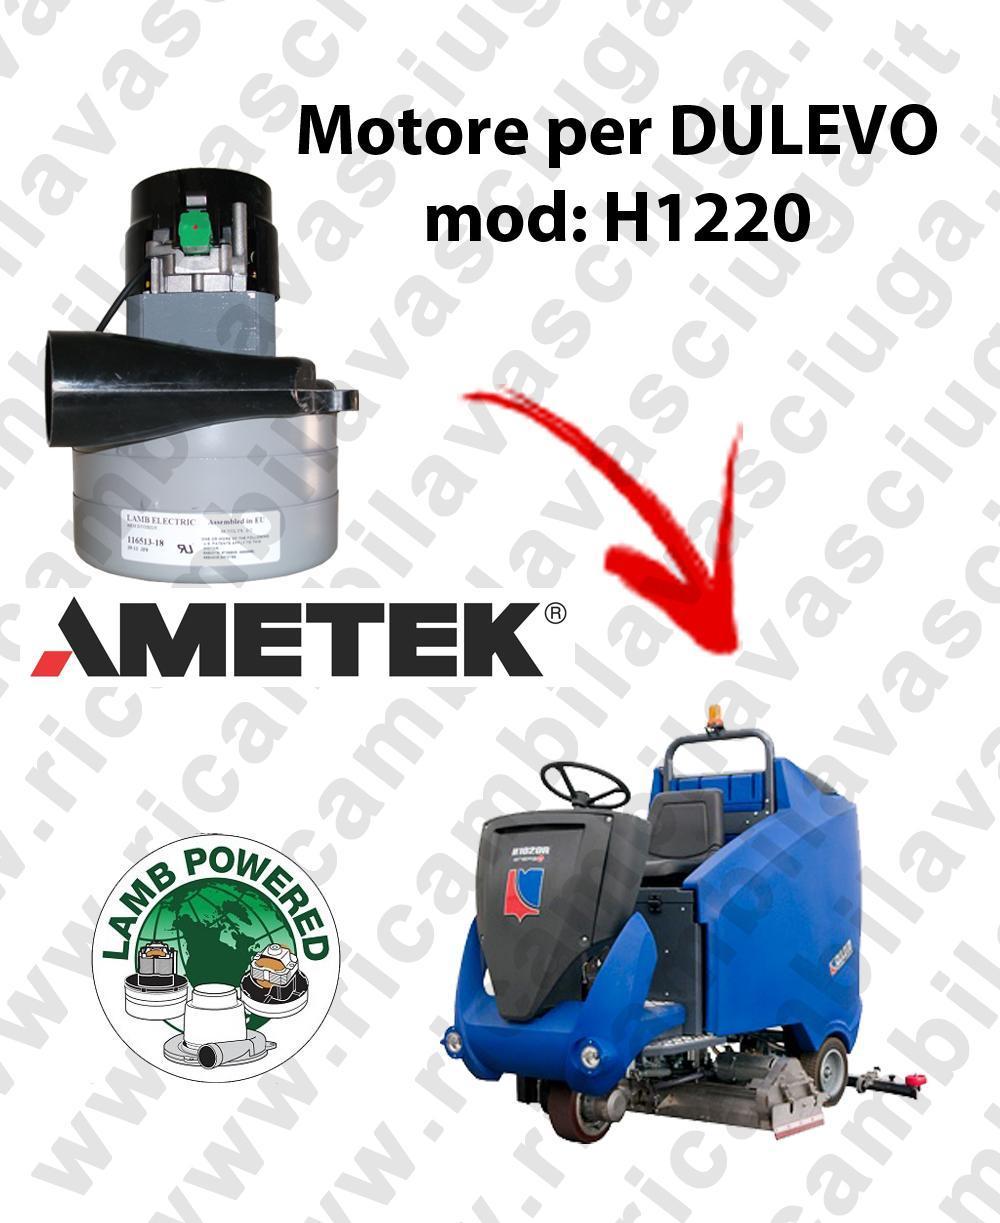 H1220 MOTEUR ASPIRATION LAMB AMATEK pour autolaveuses DULEVO